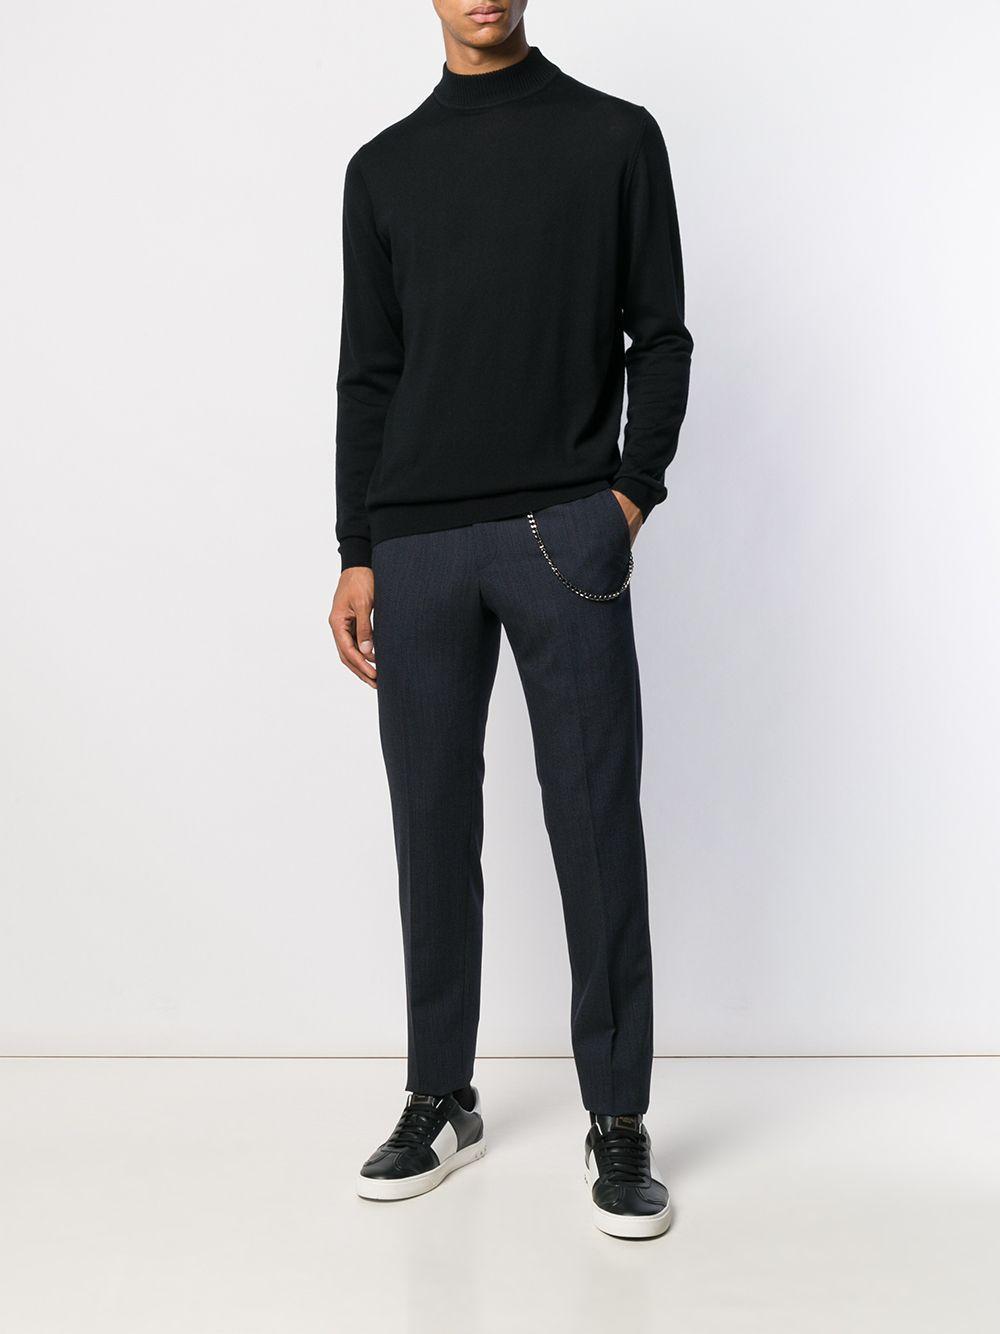 Karl Lagerfeld Wol Broek Met Ketting Detail in het Blauw voor heren